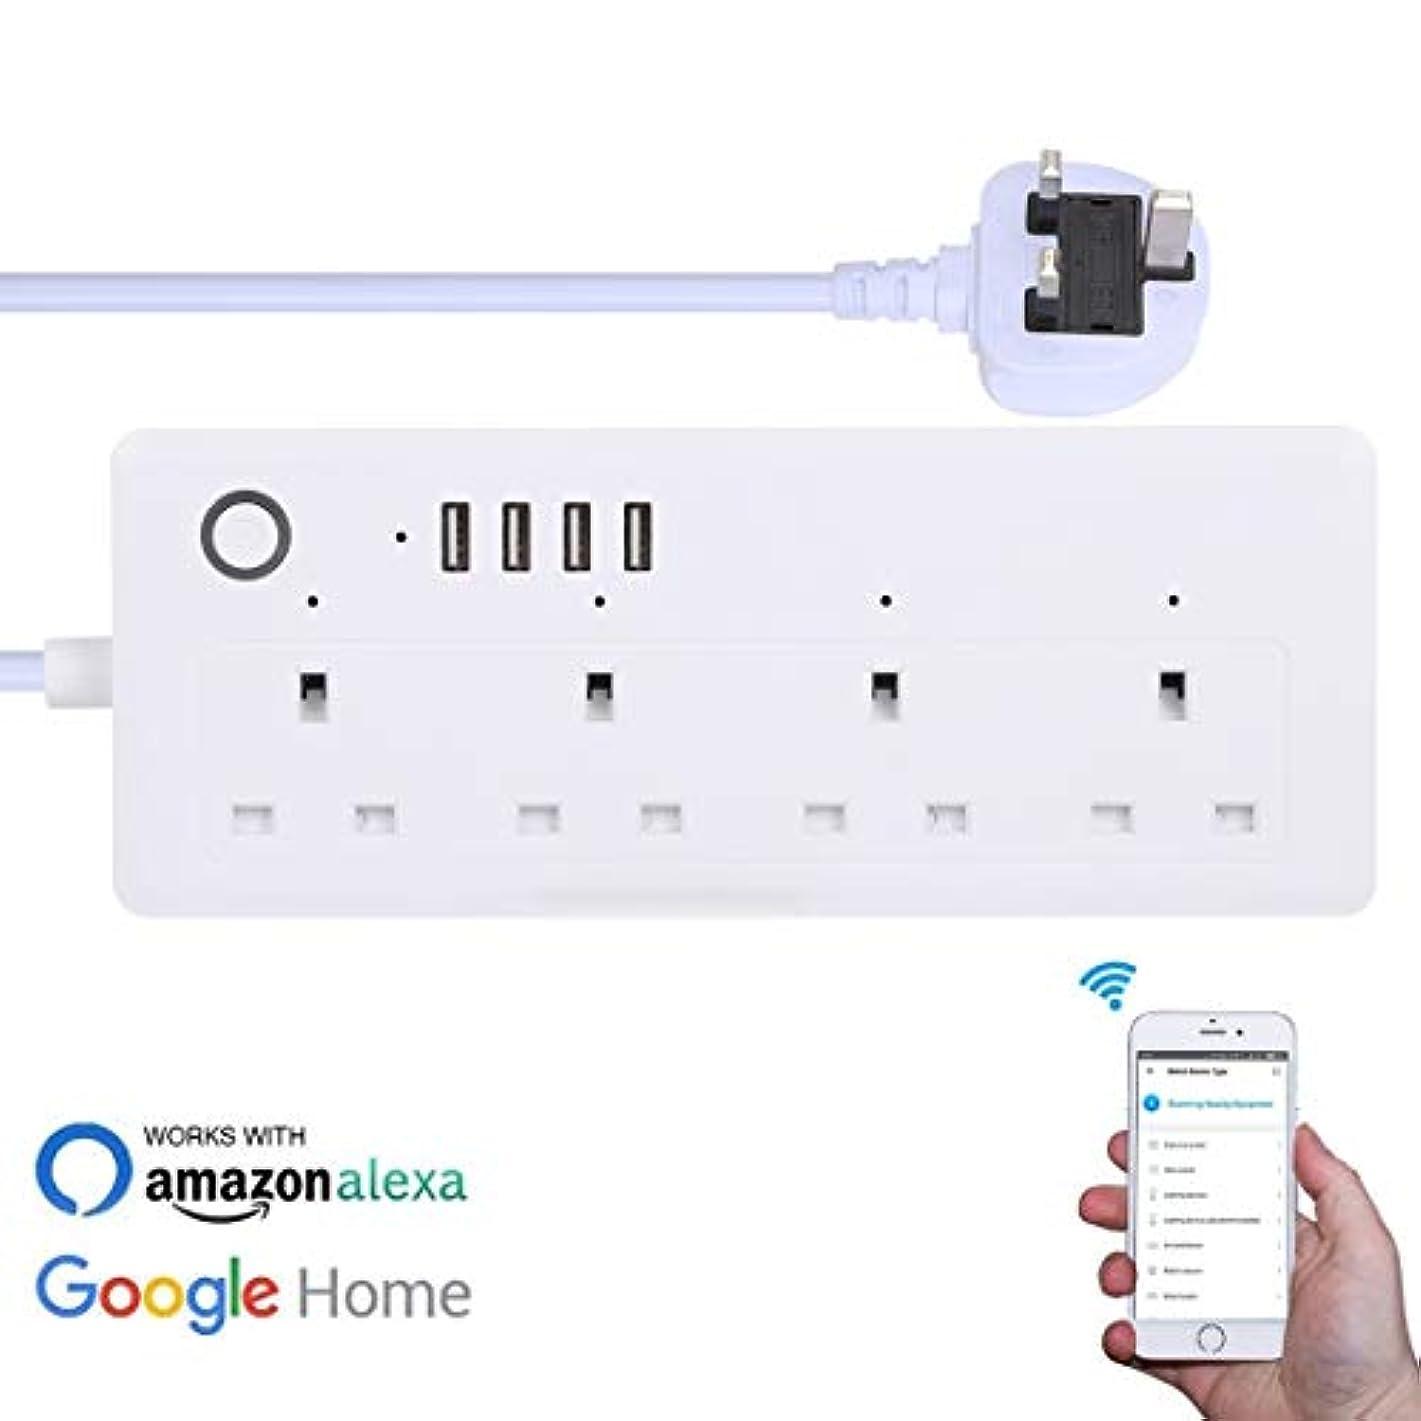 航海の運動よろめくLUOWANXIU スマートプラグ スマートコンセント 4 x USBポート+ 4 x英国プラグジャック13A最大出力WiFiリモコンスマートパワーソケットは、Alexa&Google Home、AC 100-240V、UKプラグで動作します (色 : Color1)